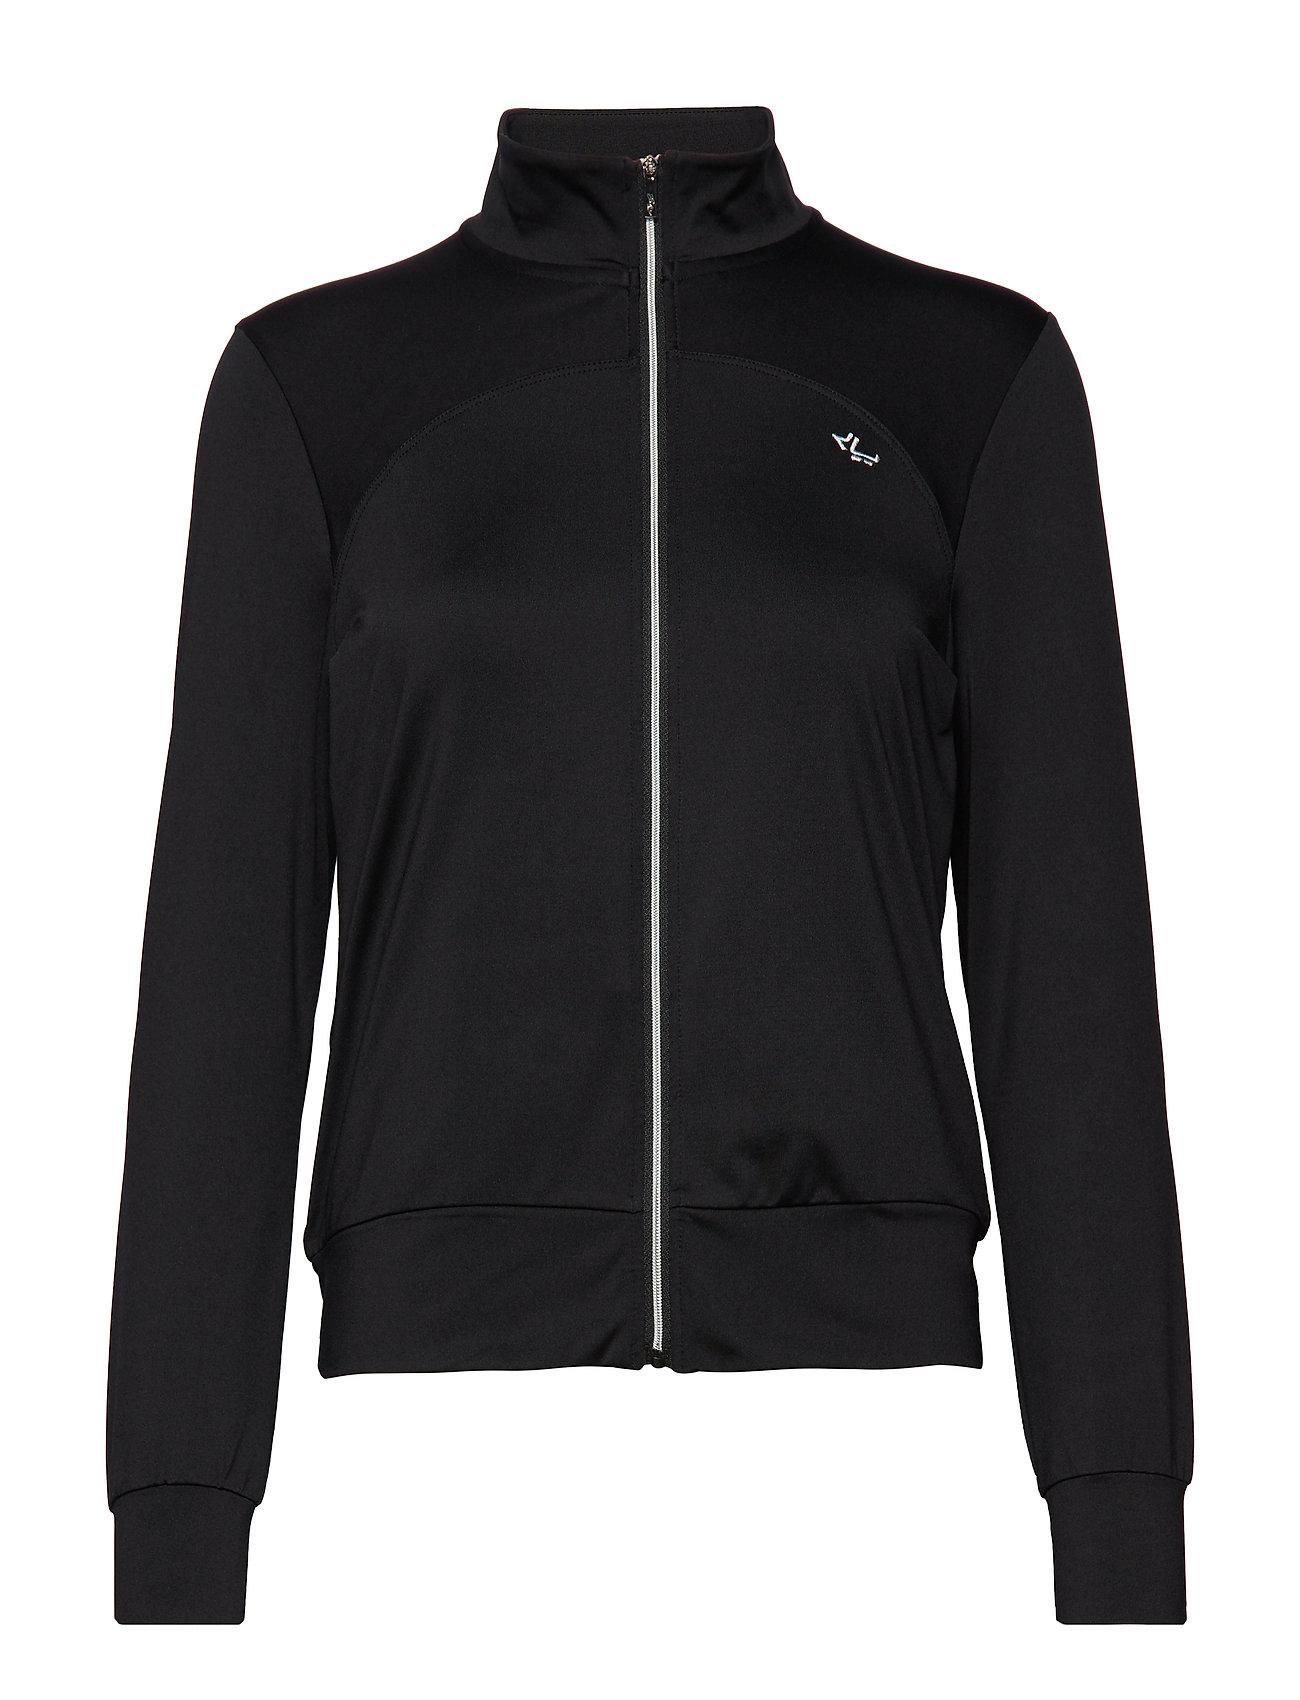 Röhnisch Zip Jacket - BLACK